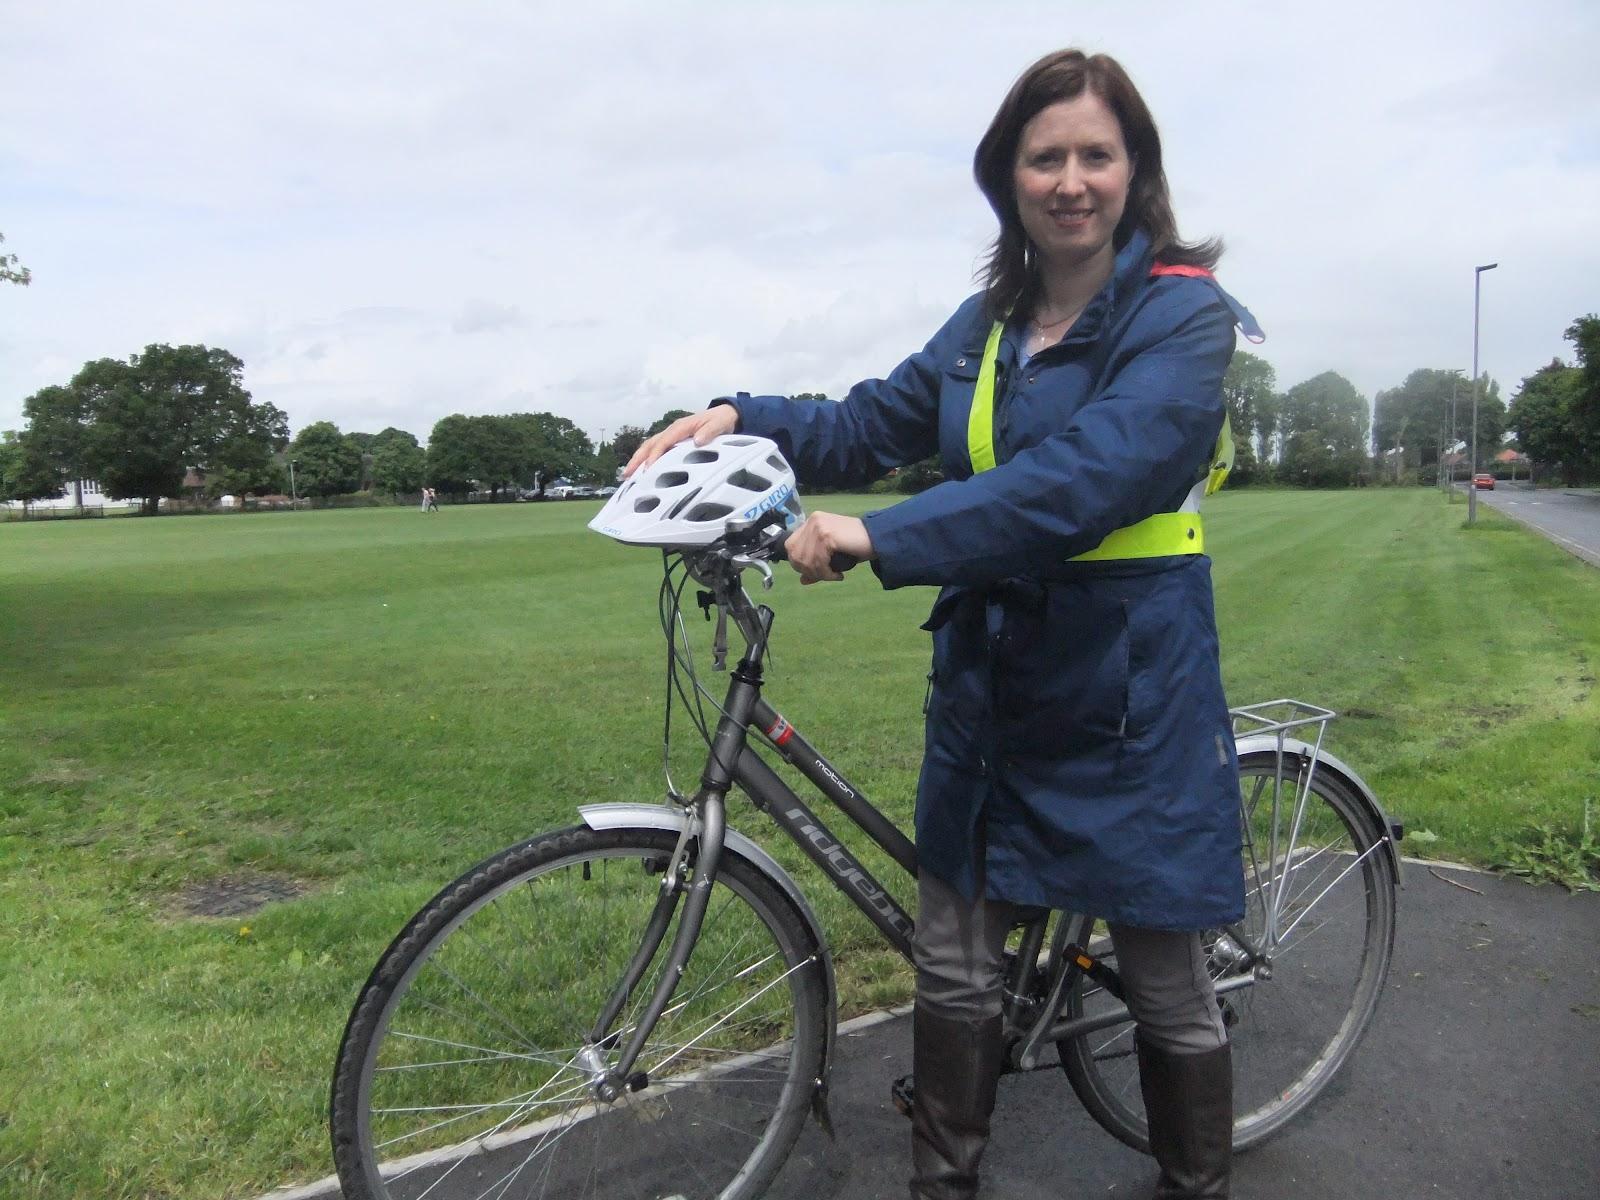 http://4.bp.blogspot.com/-45MdZlA8HVg/T-hSr64eB1I/AAAAAAAAACc/D__pYQCNeH0/s1600/Rebecca+Taylor+and+bike+June+2012.JPG